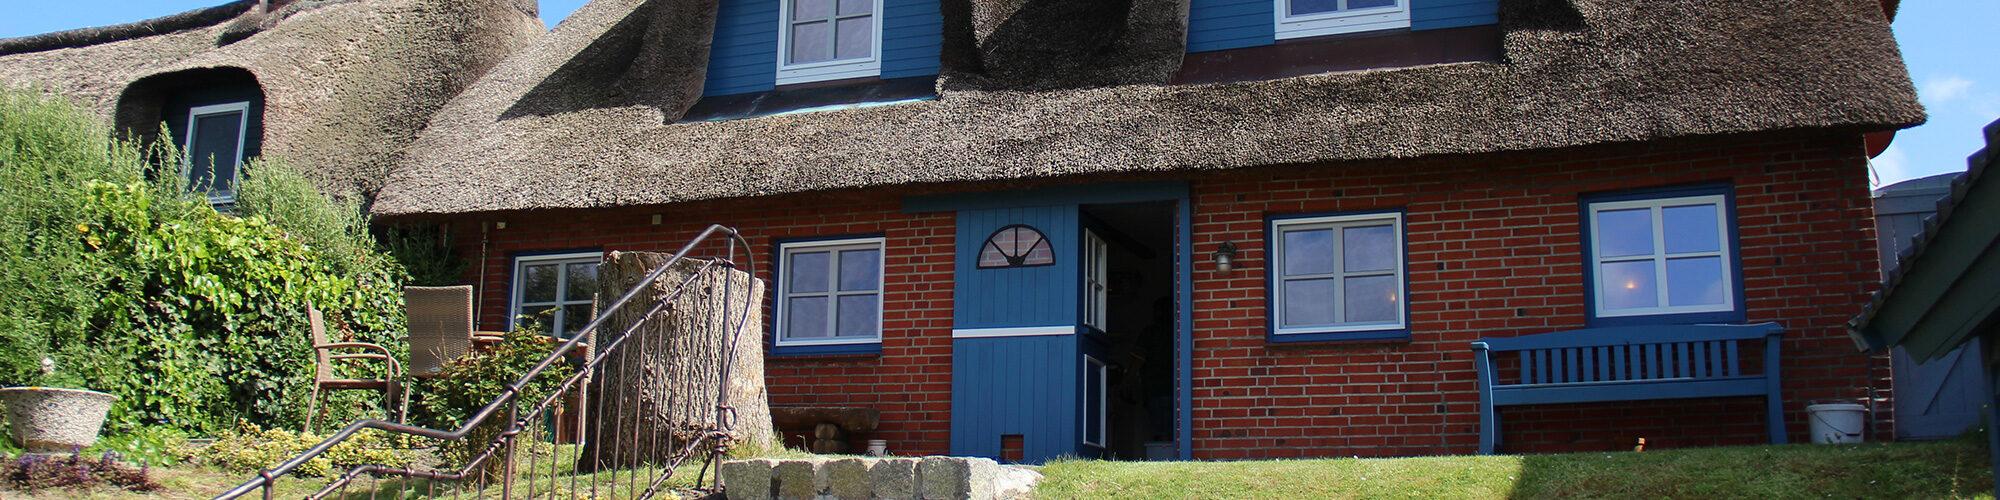 Ferienhaus auf Pellworm: Ausgang zum Garten